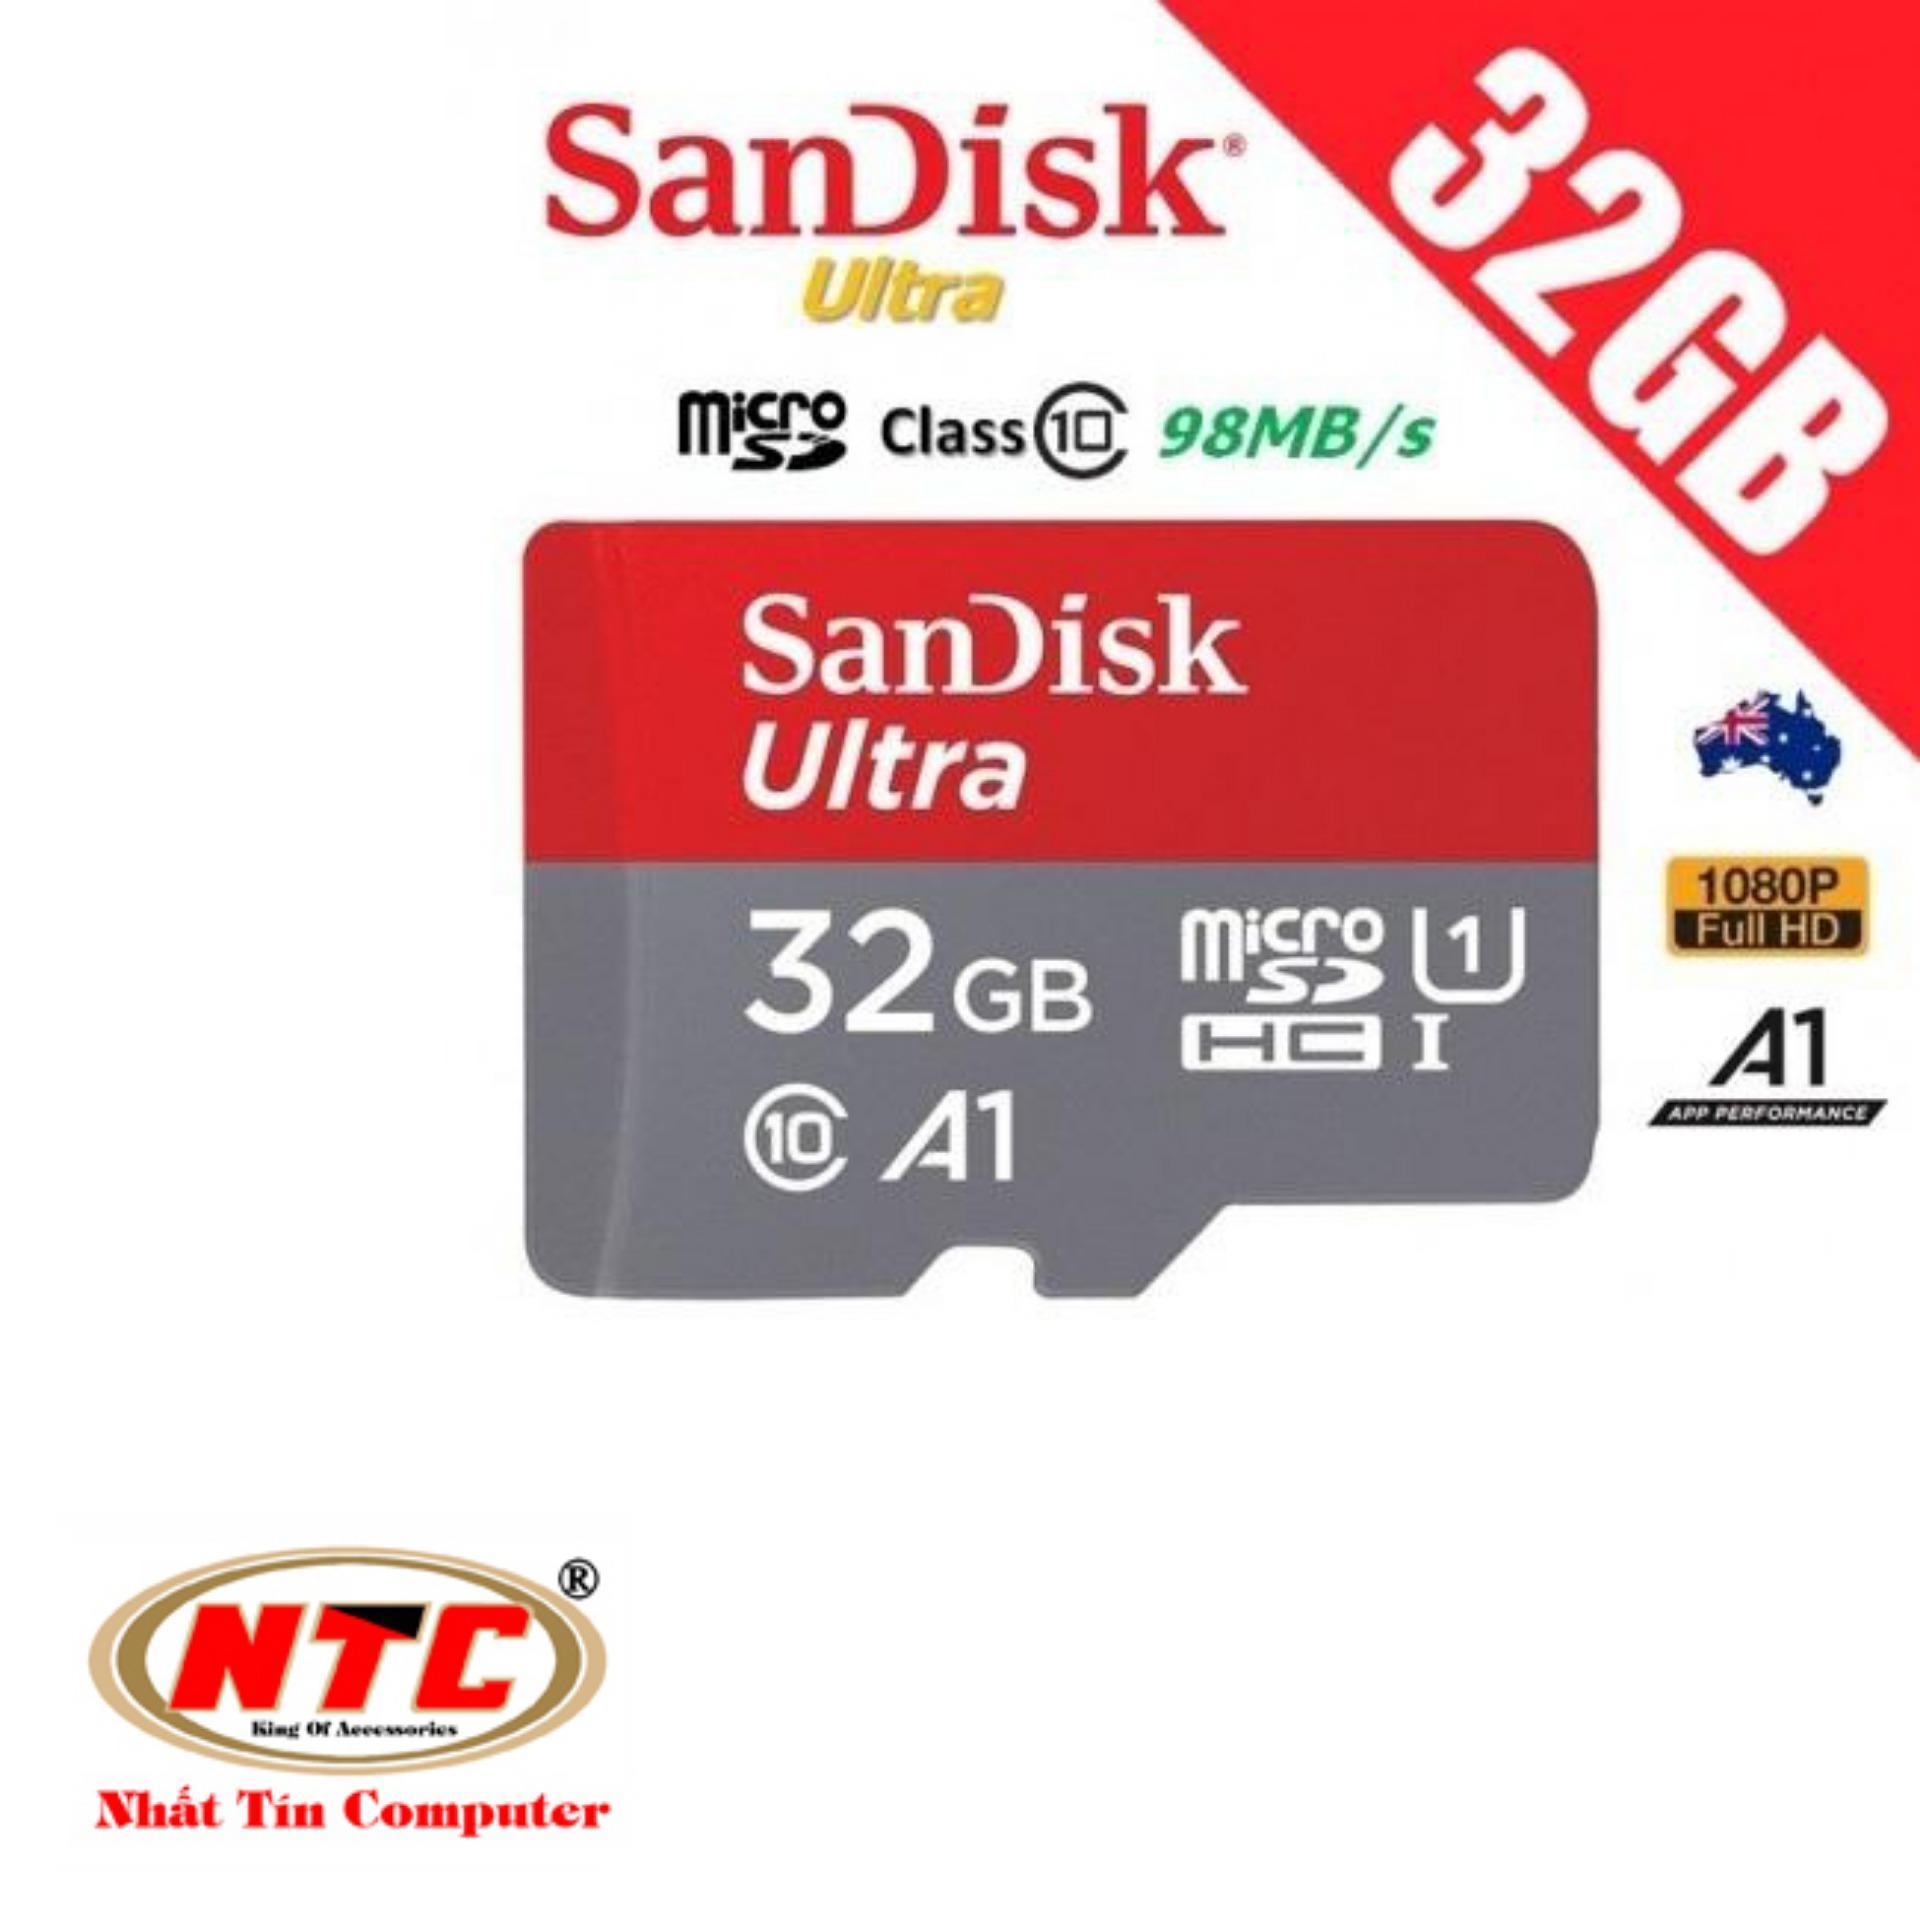 Thẻ nhớ MicroSDHC SanDisk Ultra 32GB 80MB/s đã nâng lên 98MB/s (Đỏ) + Tặng 1 adapter thẻ nhớ MicroSD